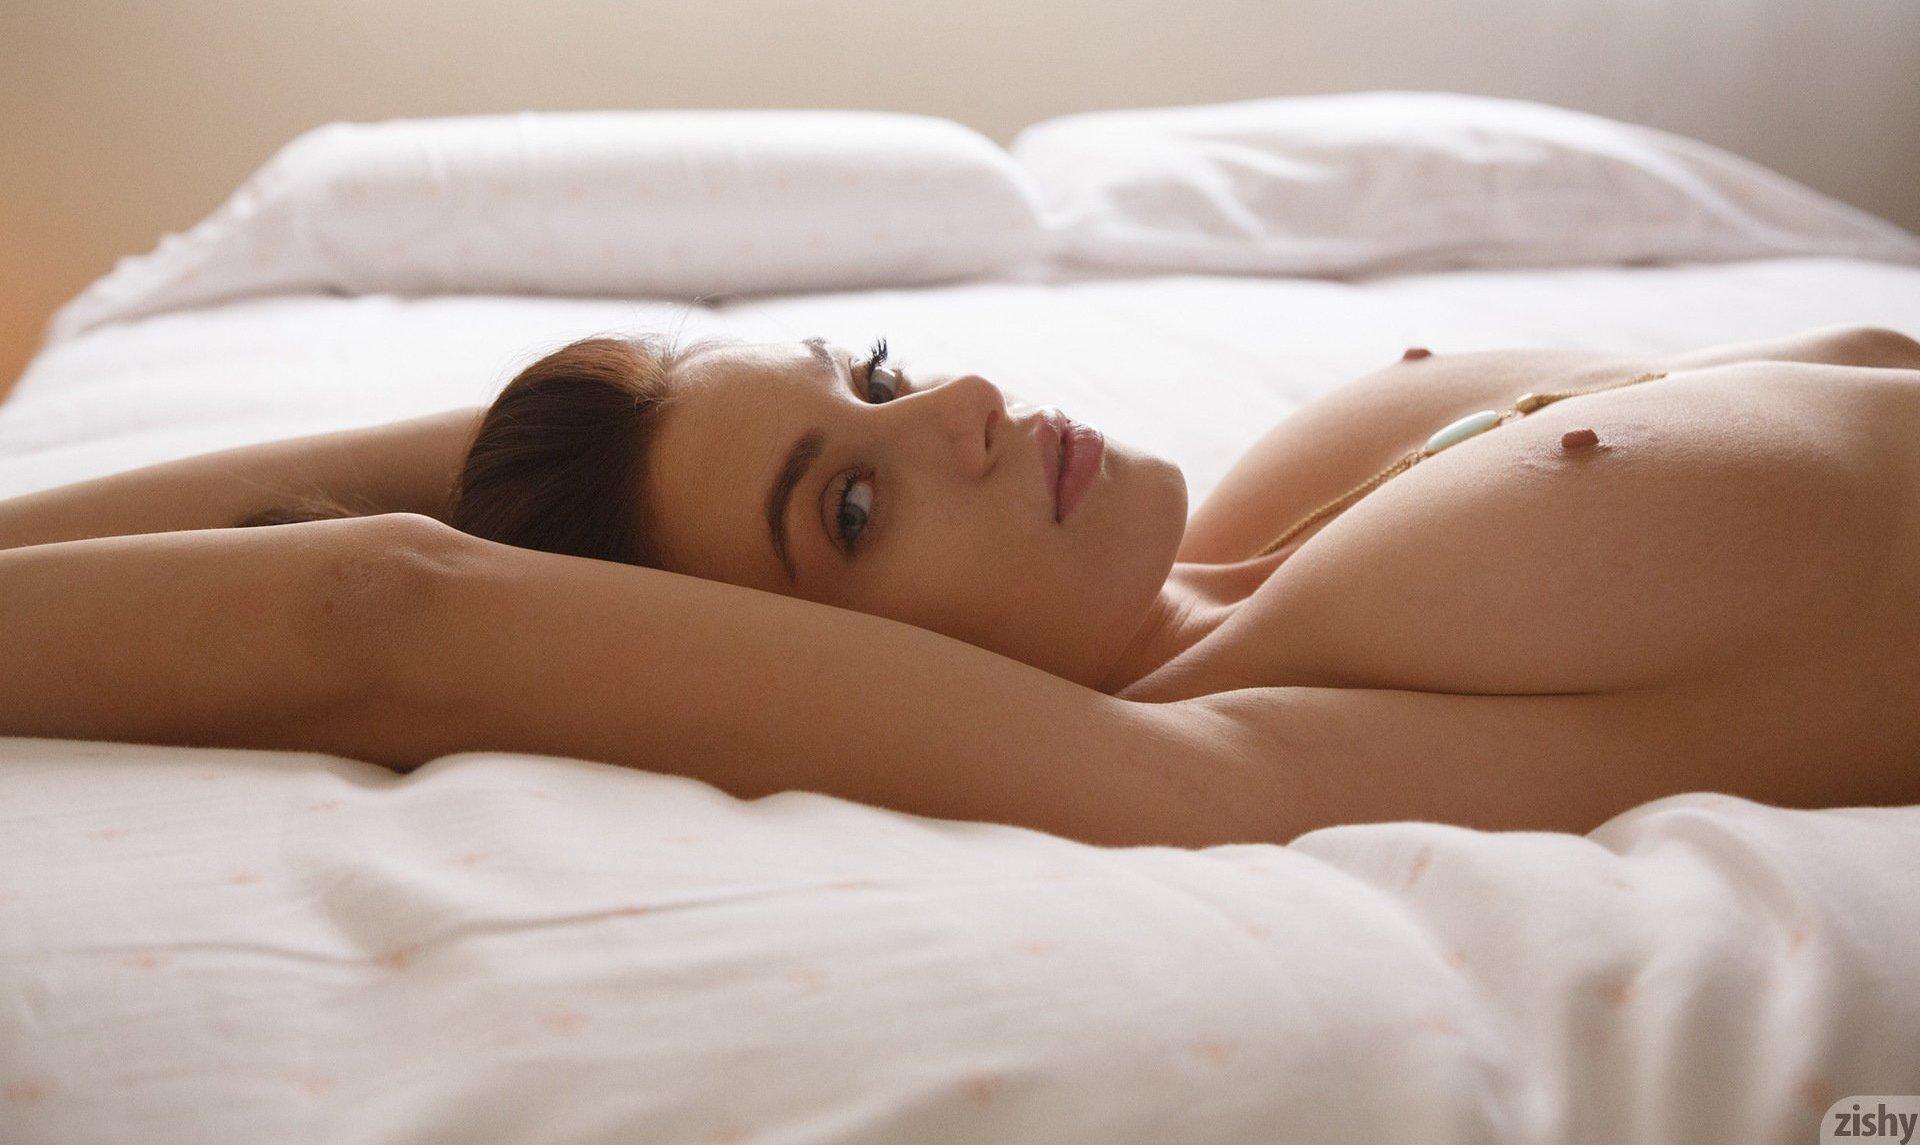 Lana Rhoades Lanarhoades Onlyfans Nude Leaks 0020